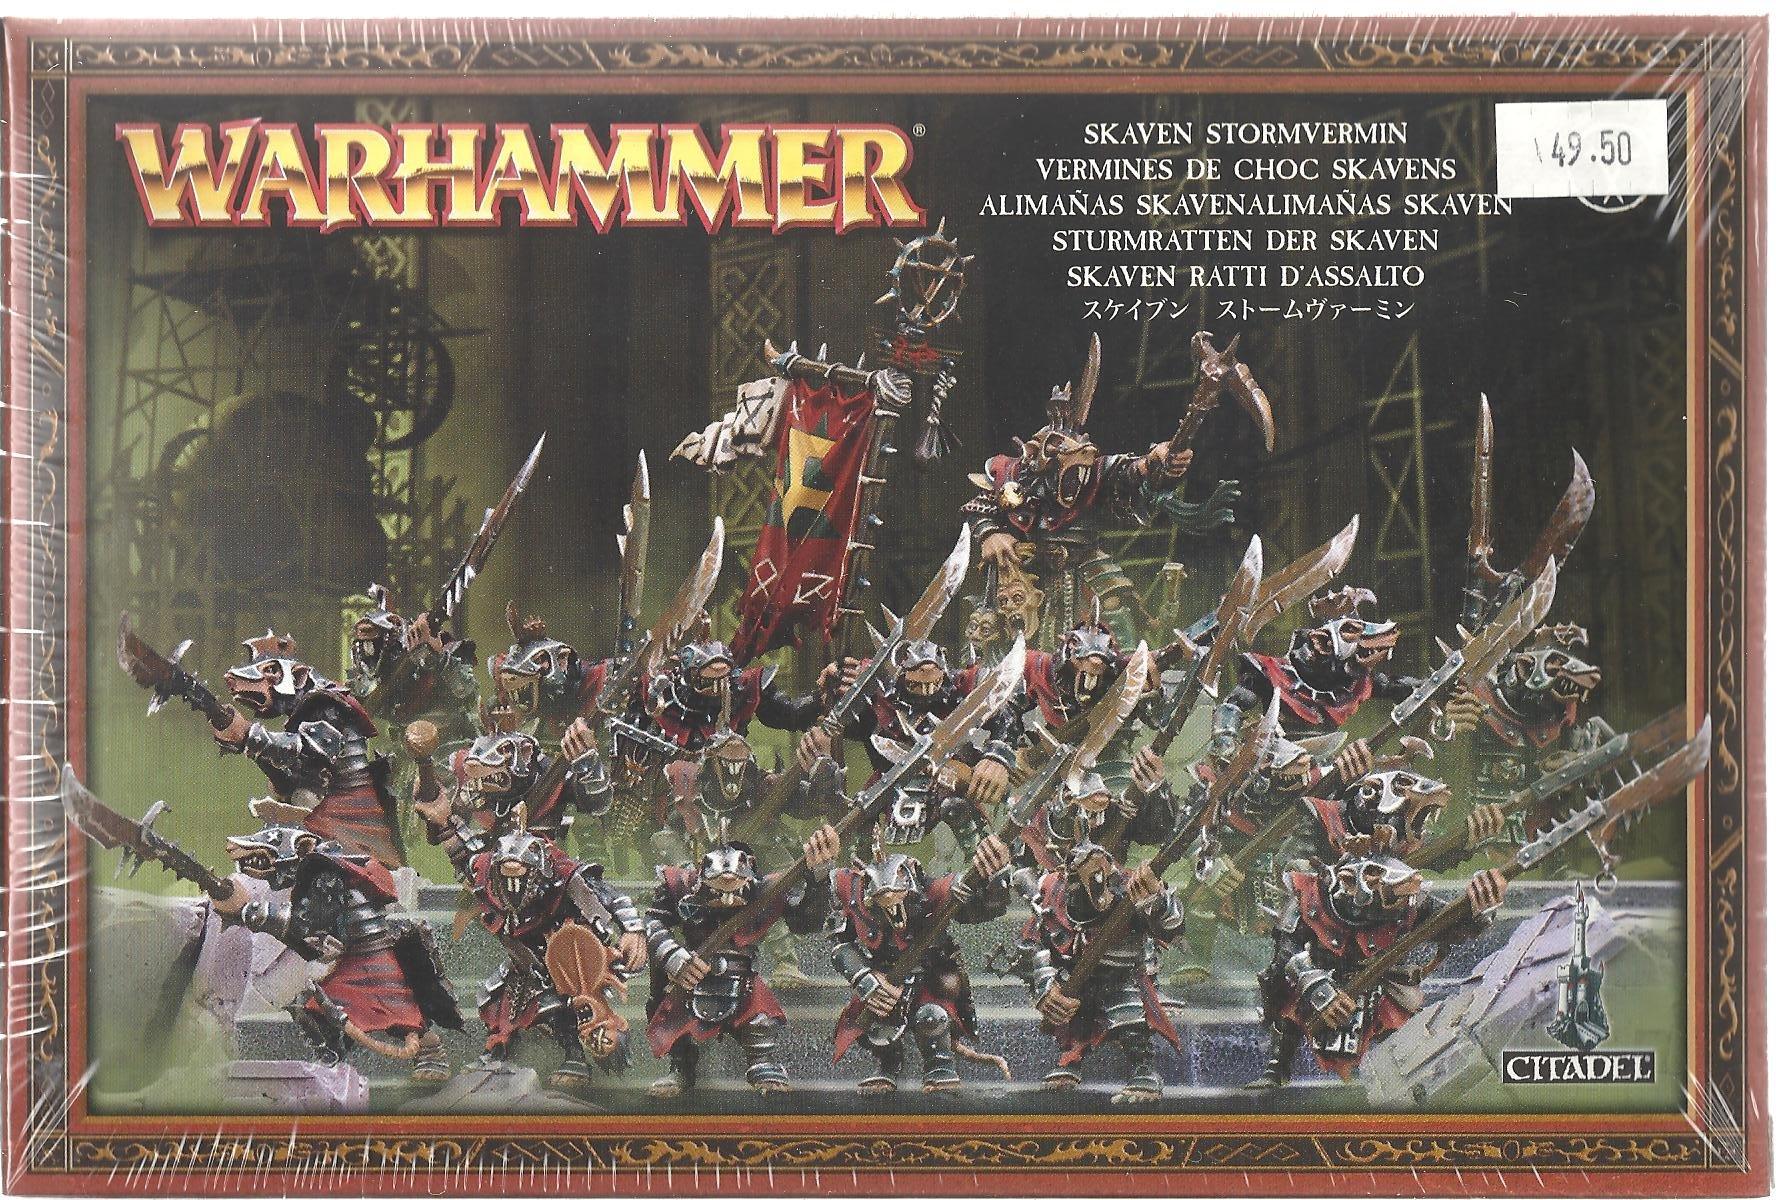 Skaven Alimañas regimiento - Warhammer.: Amazon.es: Juguetes y juegos